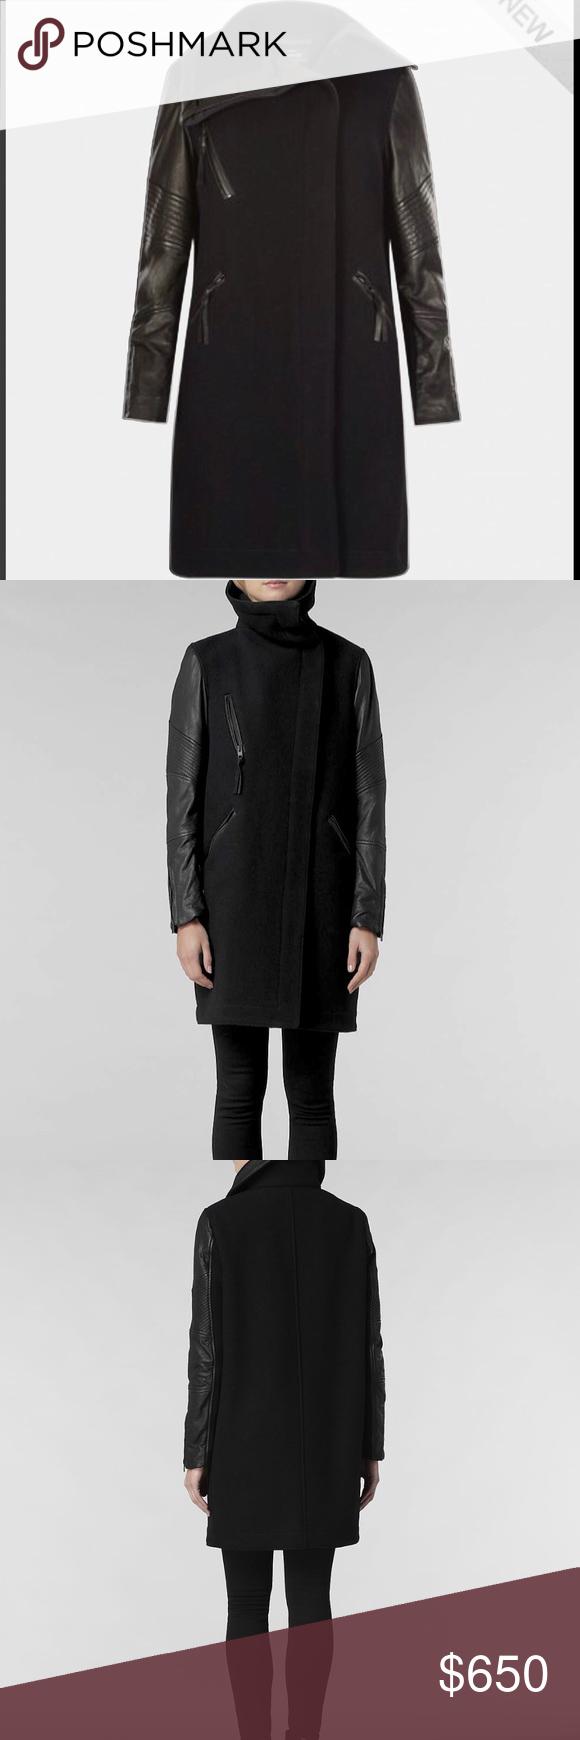 All Saints Yasemin Wool Leather Coat Jacket Leather coat